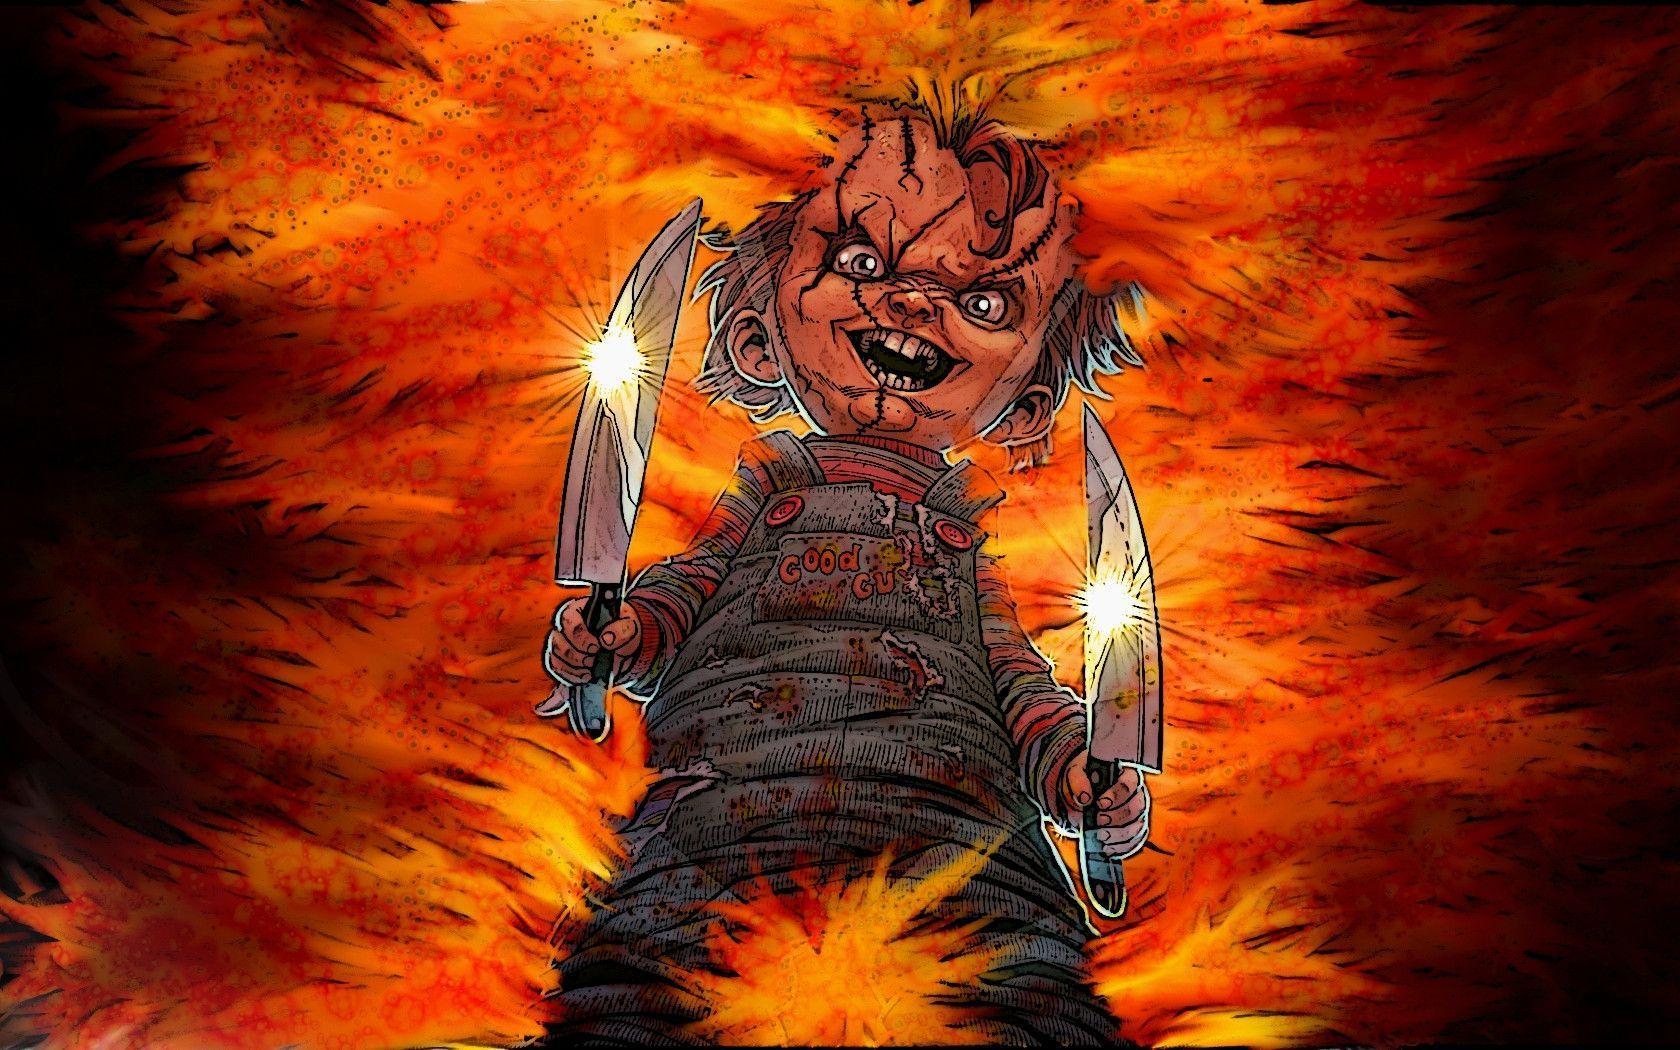 Chucky Wallpaper Hd Dekstop 1680x1050PX Wallpaper Chucky